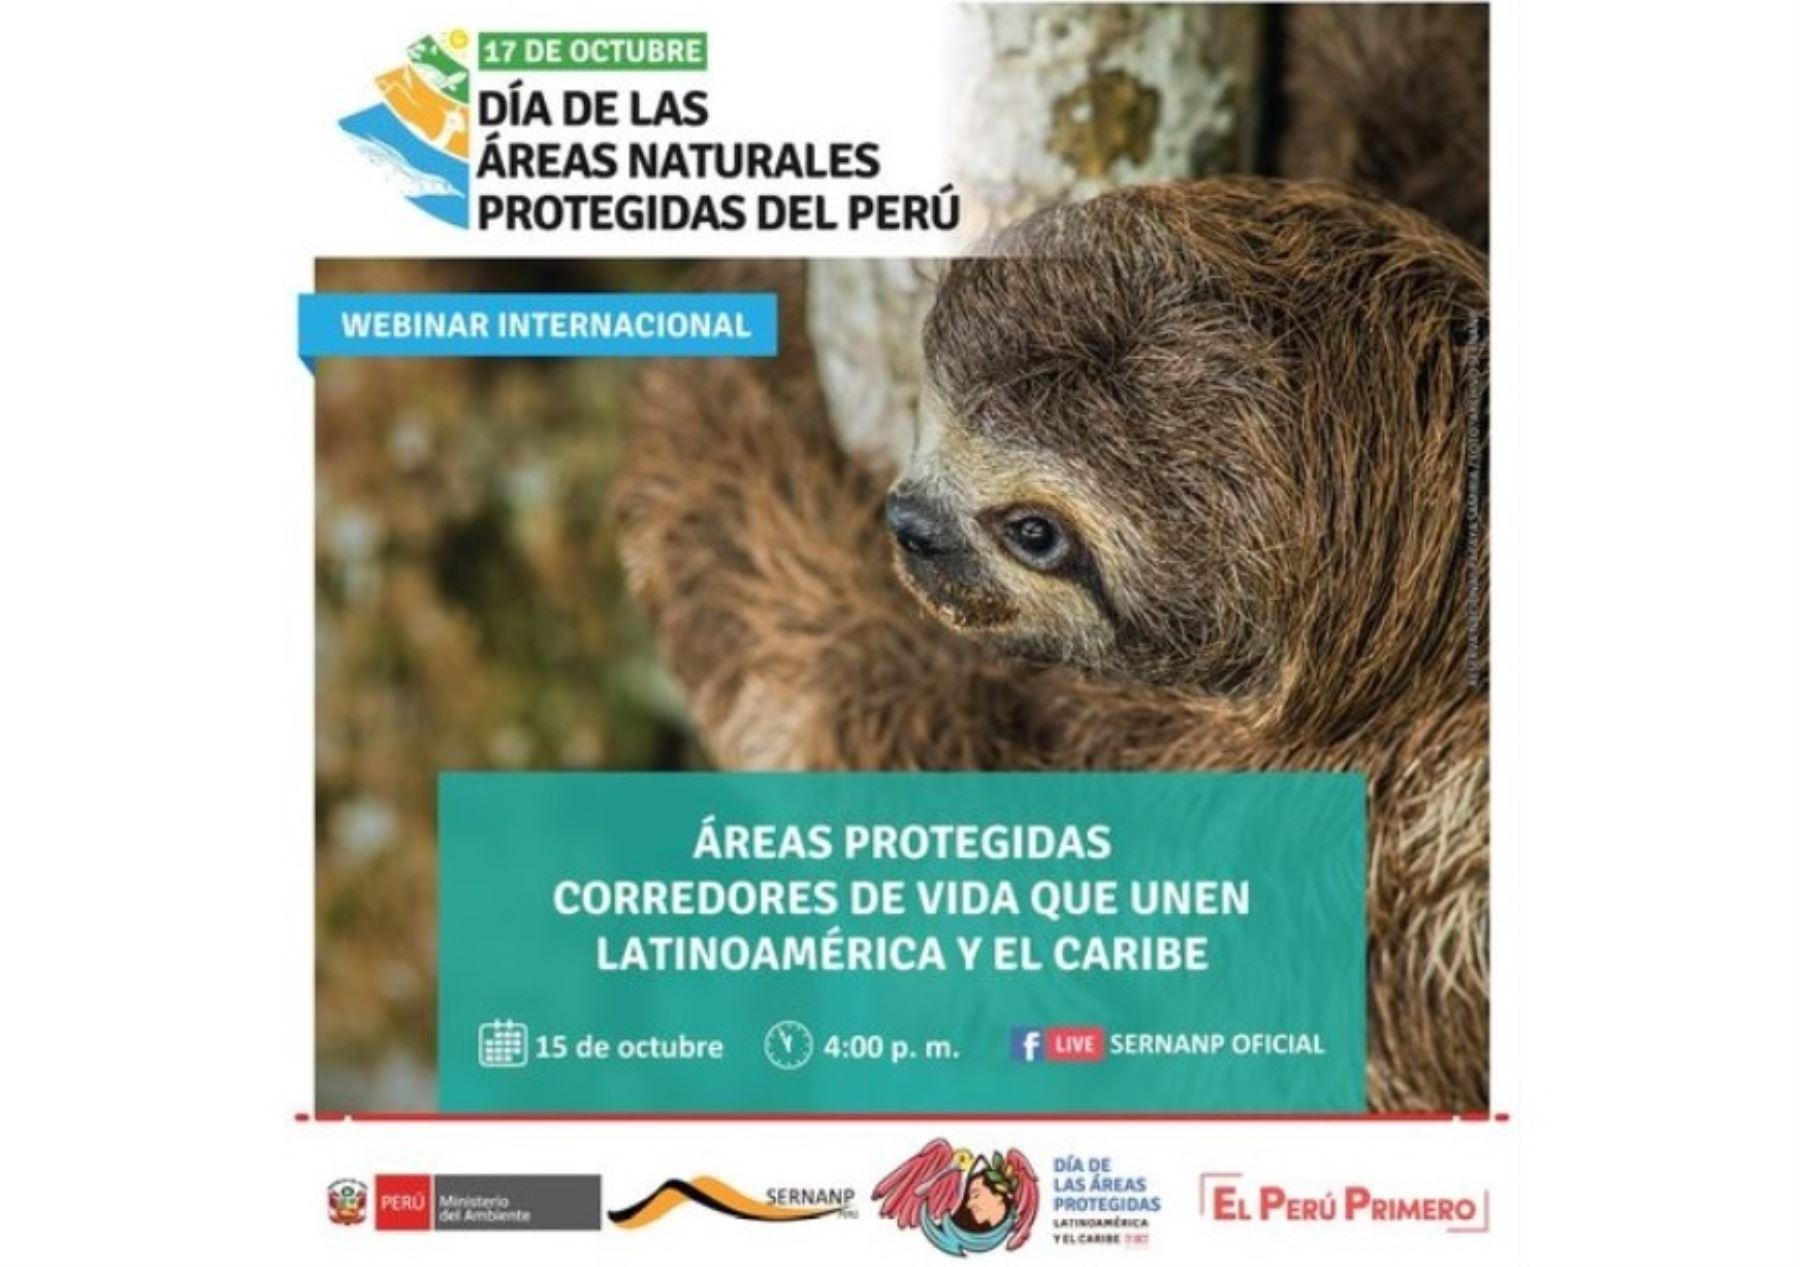 El sábado 17 de octubre se celebra el Día de las Áreas Naturales Protegidas del Perú y el Sernanp ha programado diversas actividades. ANDINA/Difusión